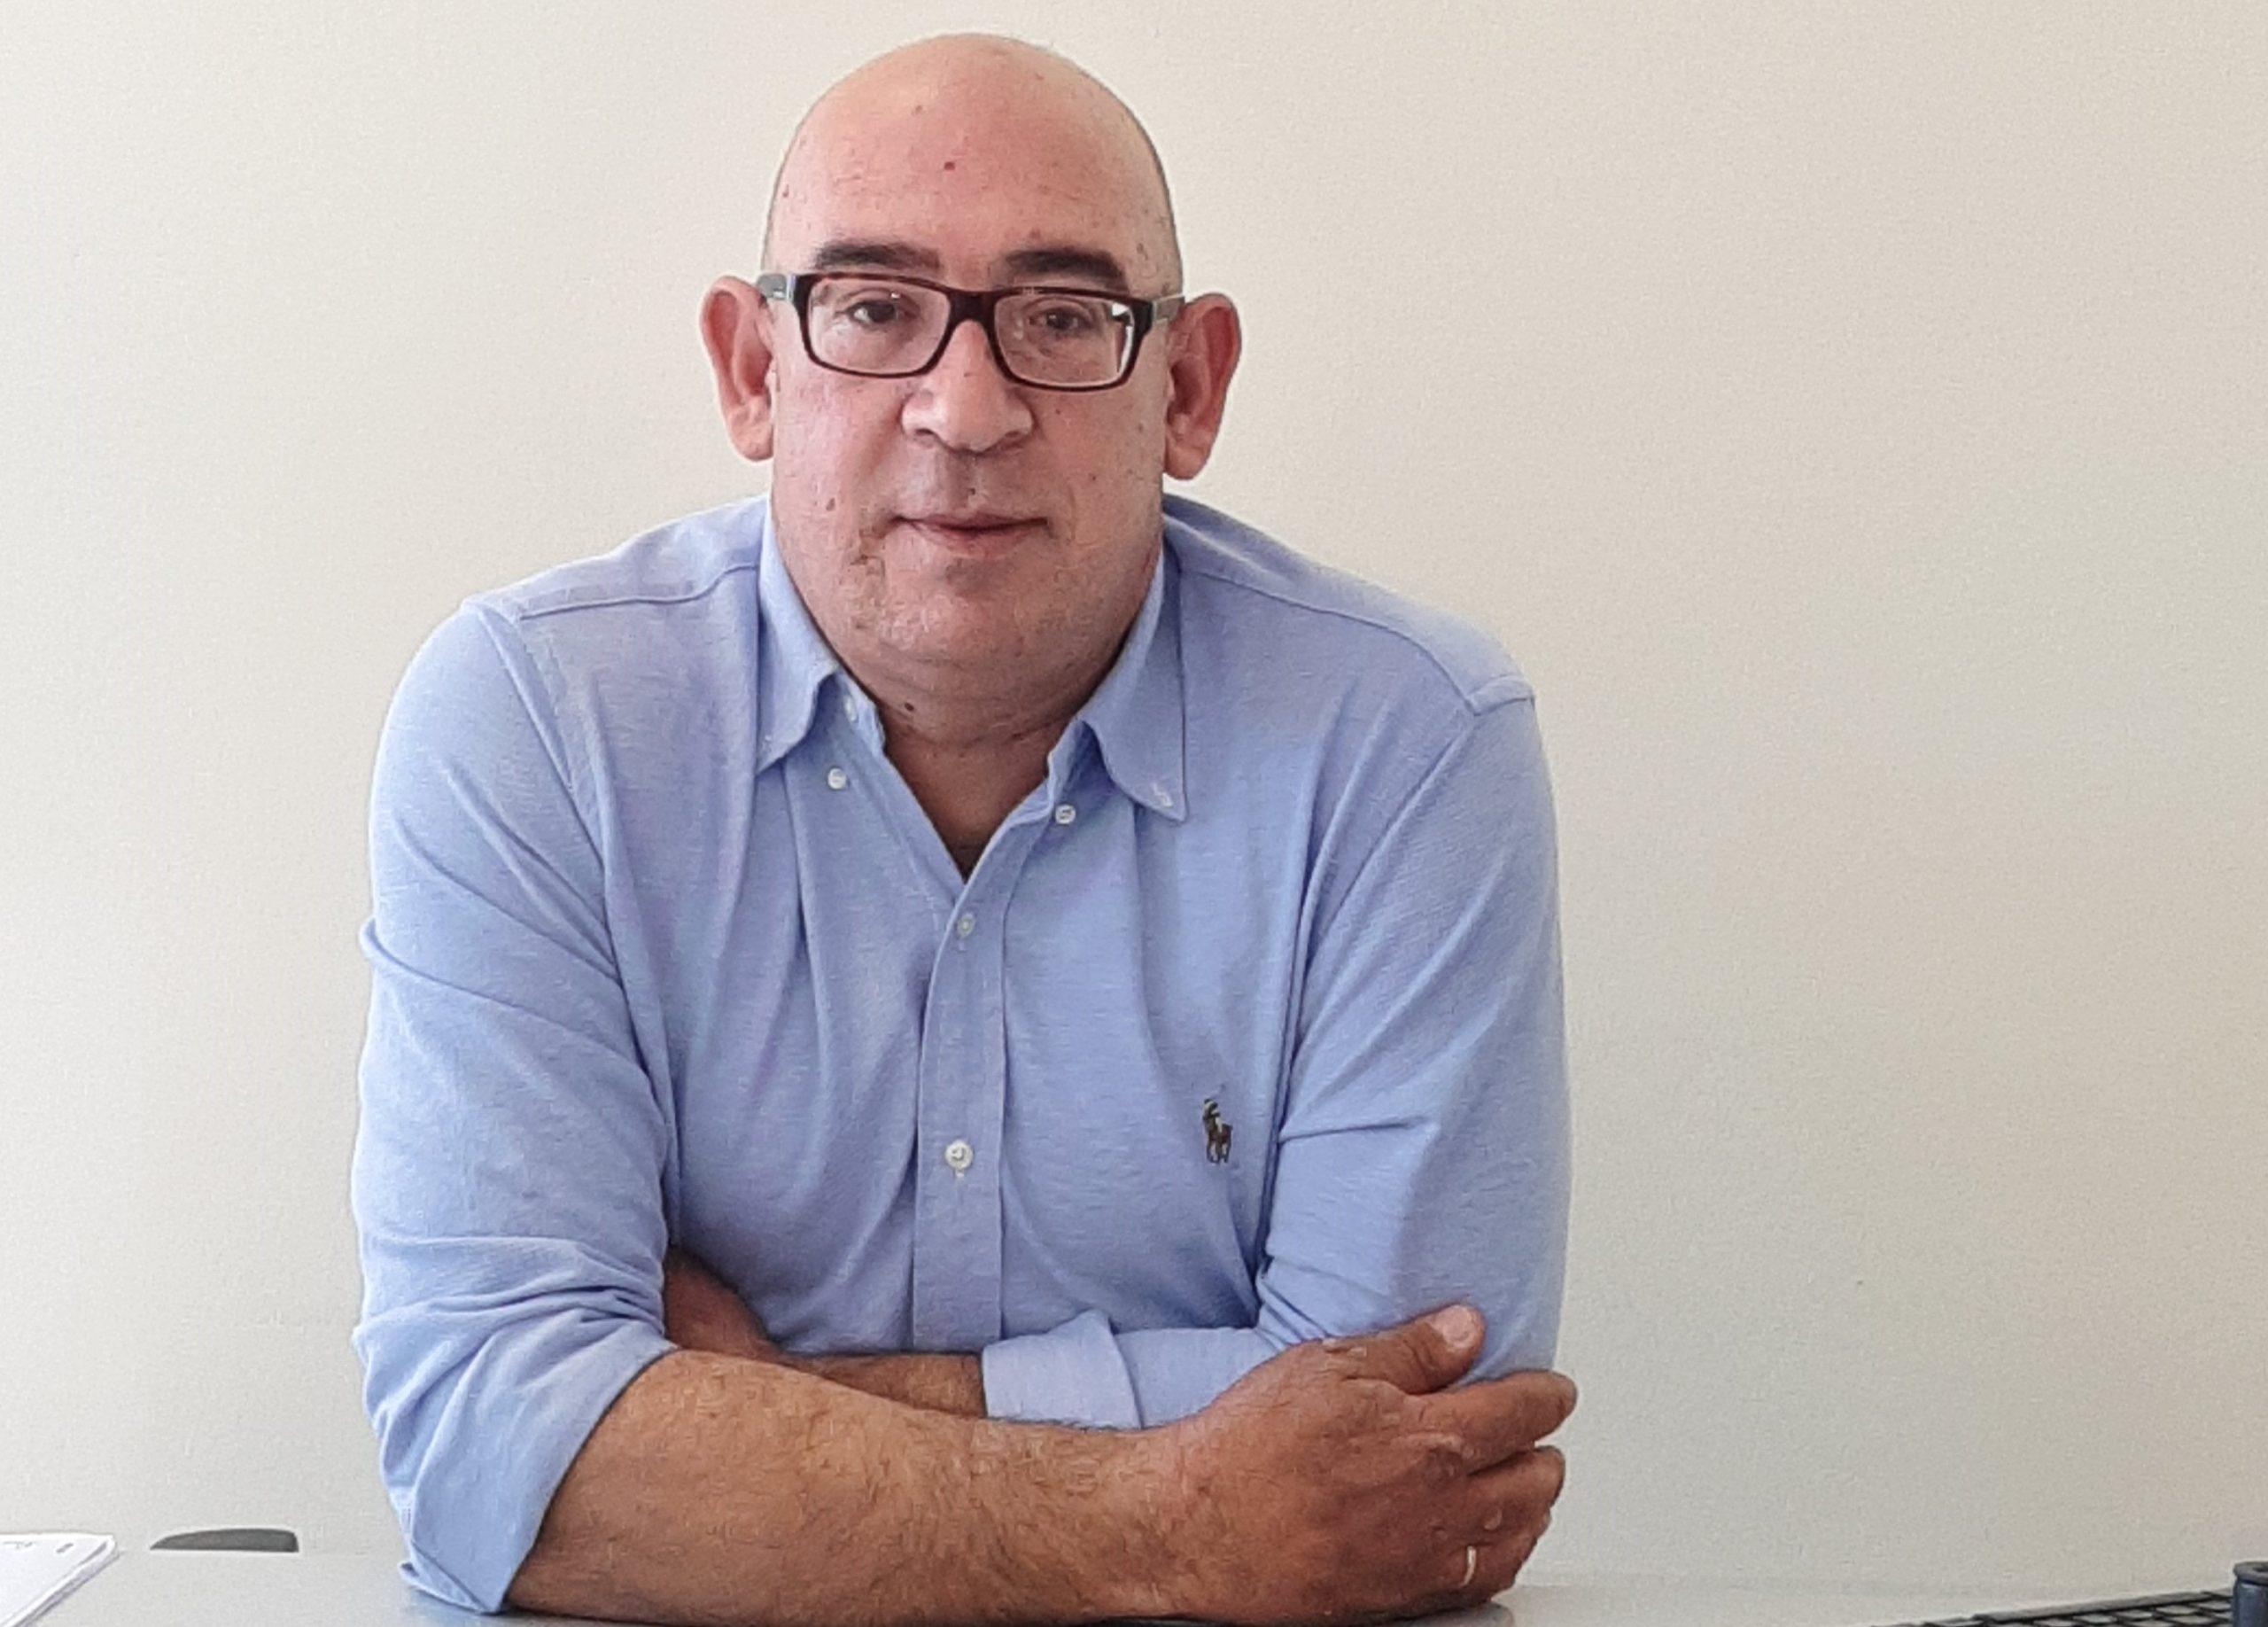 ΣΟΠΑΖ: Πρωταγωνιστής της οικονοµίας εδώ και 60 χρόνια